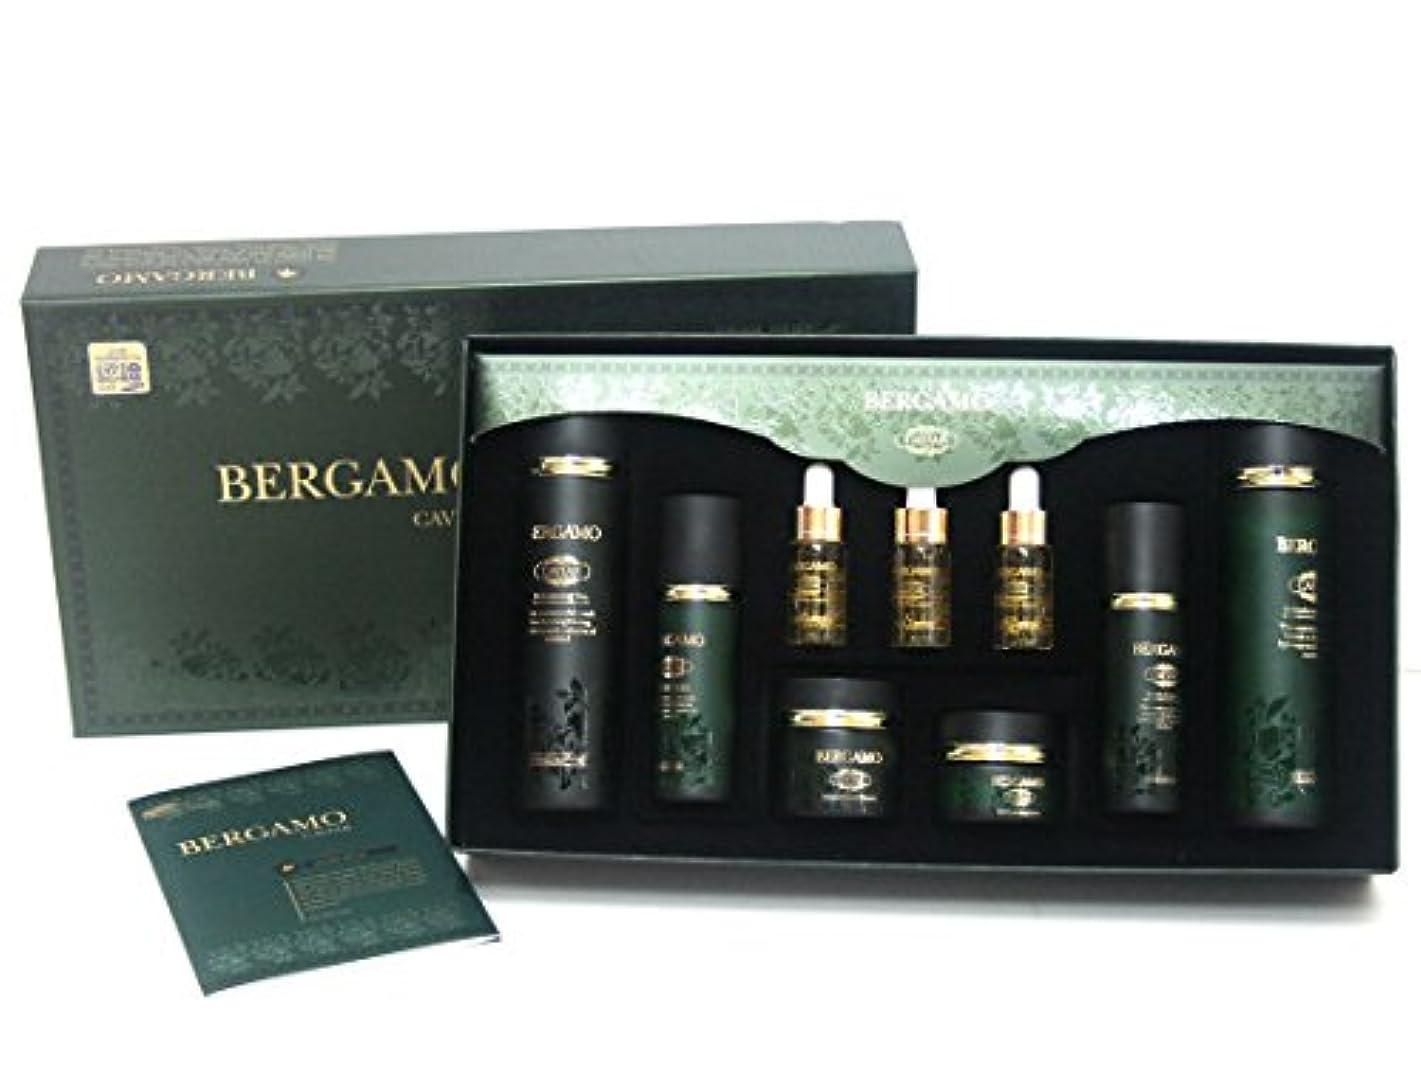 チェリー付属品物思いにふける[Bergamo] キャビアの豪華ギフトセットプログラムセット9pcs/水分、栄養、弾力/韓国の化粧品/Caviar Luxuries Gift Set Program Set 9pcs/Moisture, nutrition...